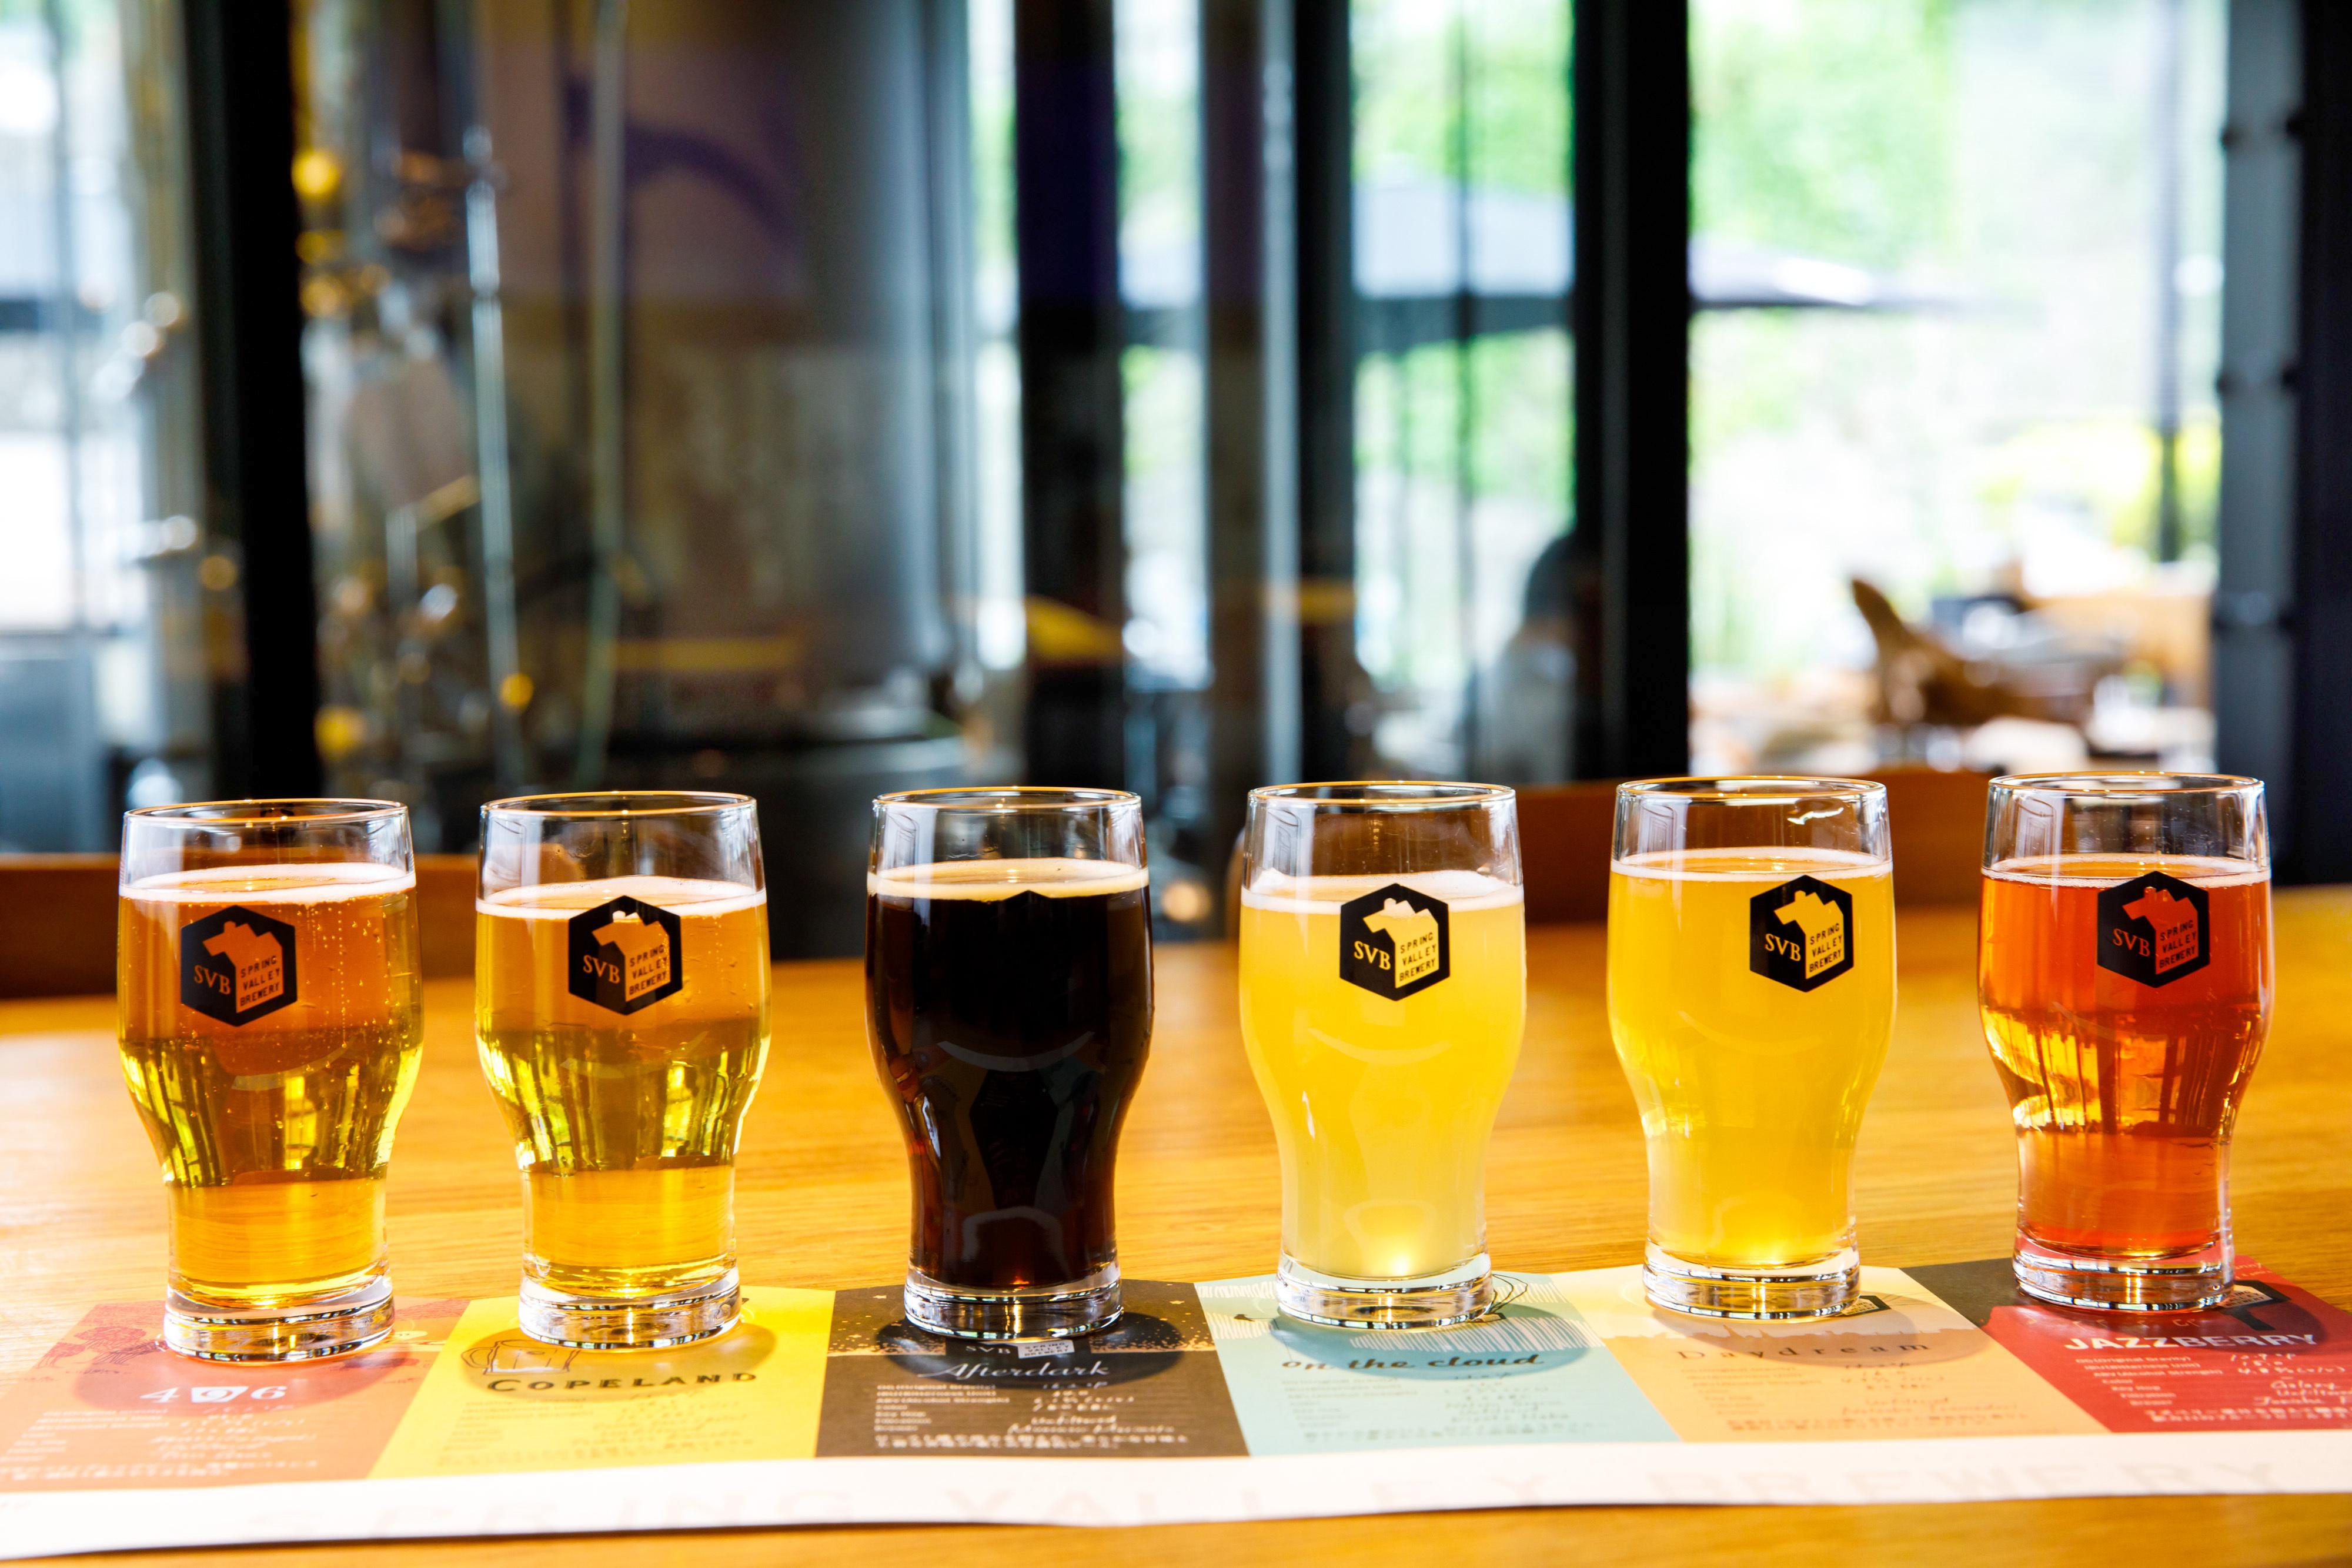 ビール 意味 クラフト